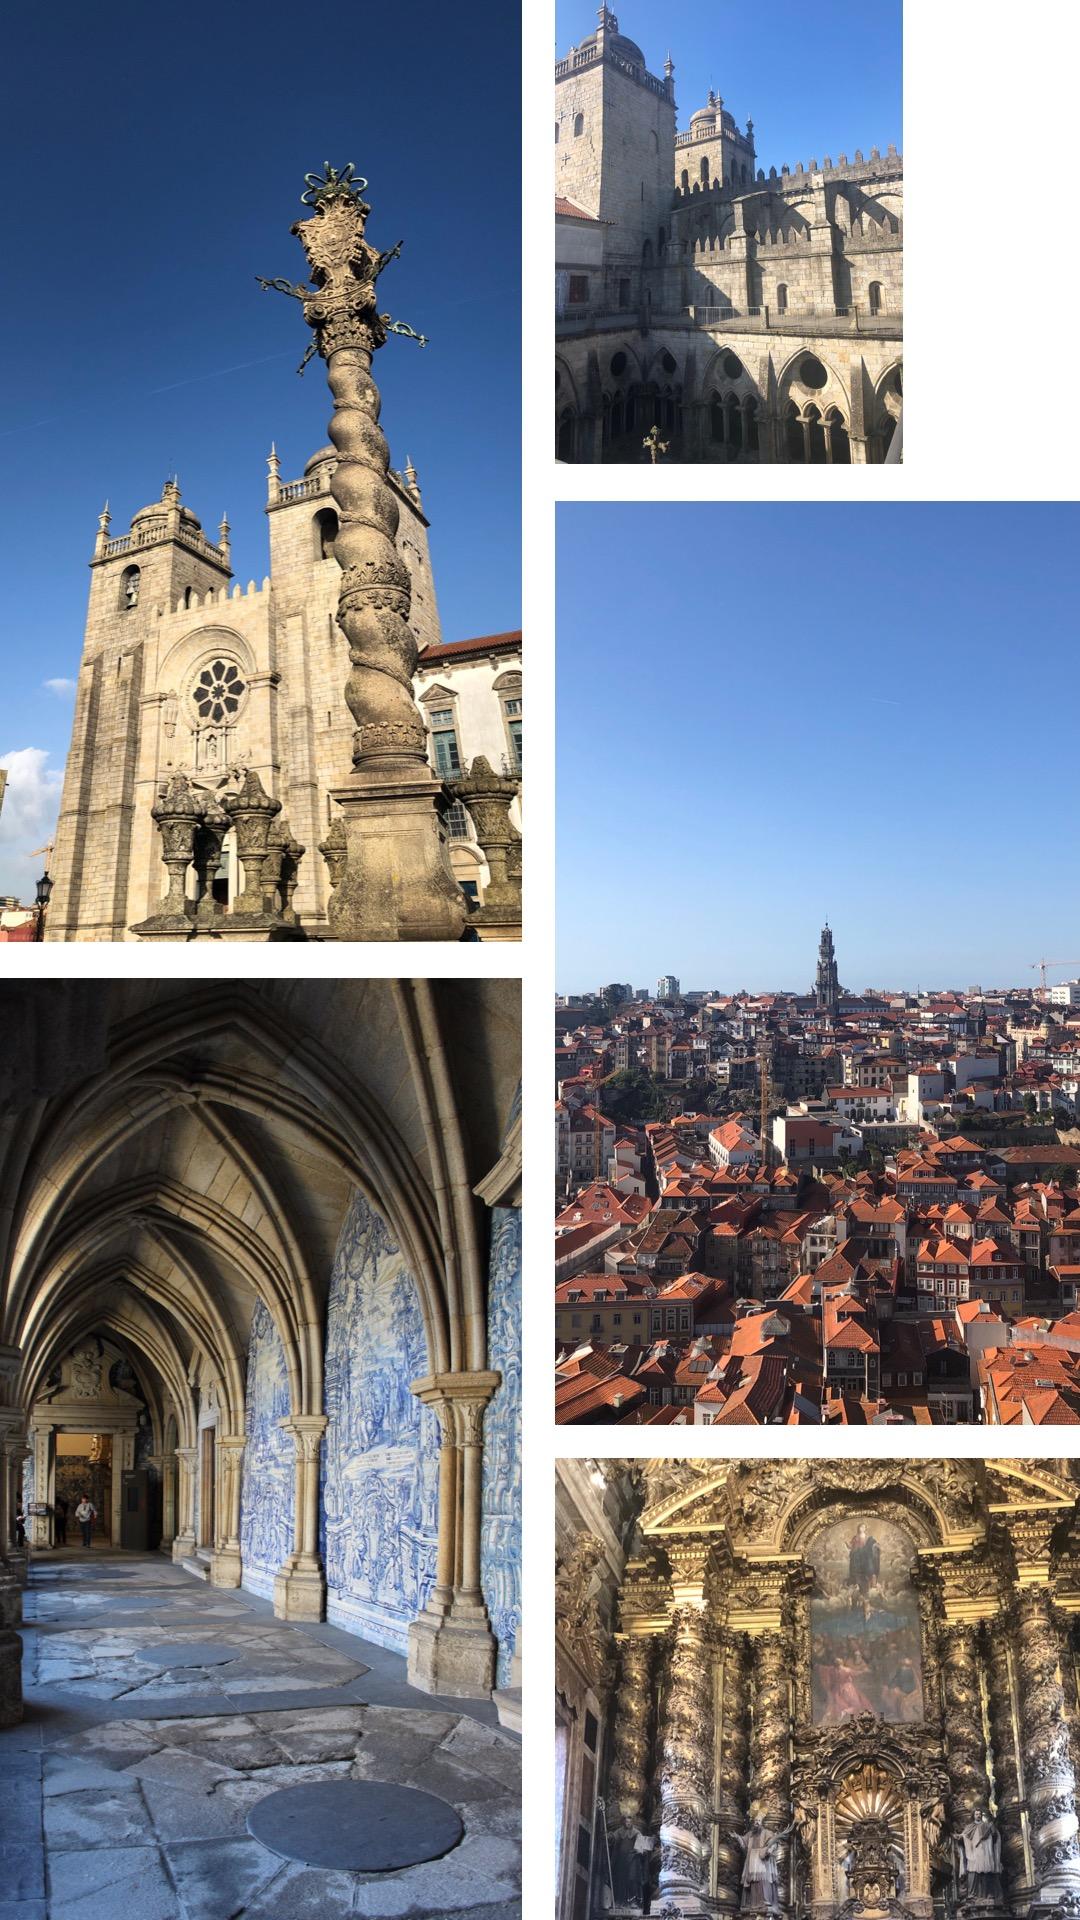 Porto-Reisebericht-Sightseeing-Tipps-Kathedrale-Aussicht-Klosterinnenhof-Miss-Suzie-Loves